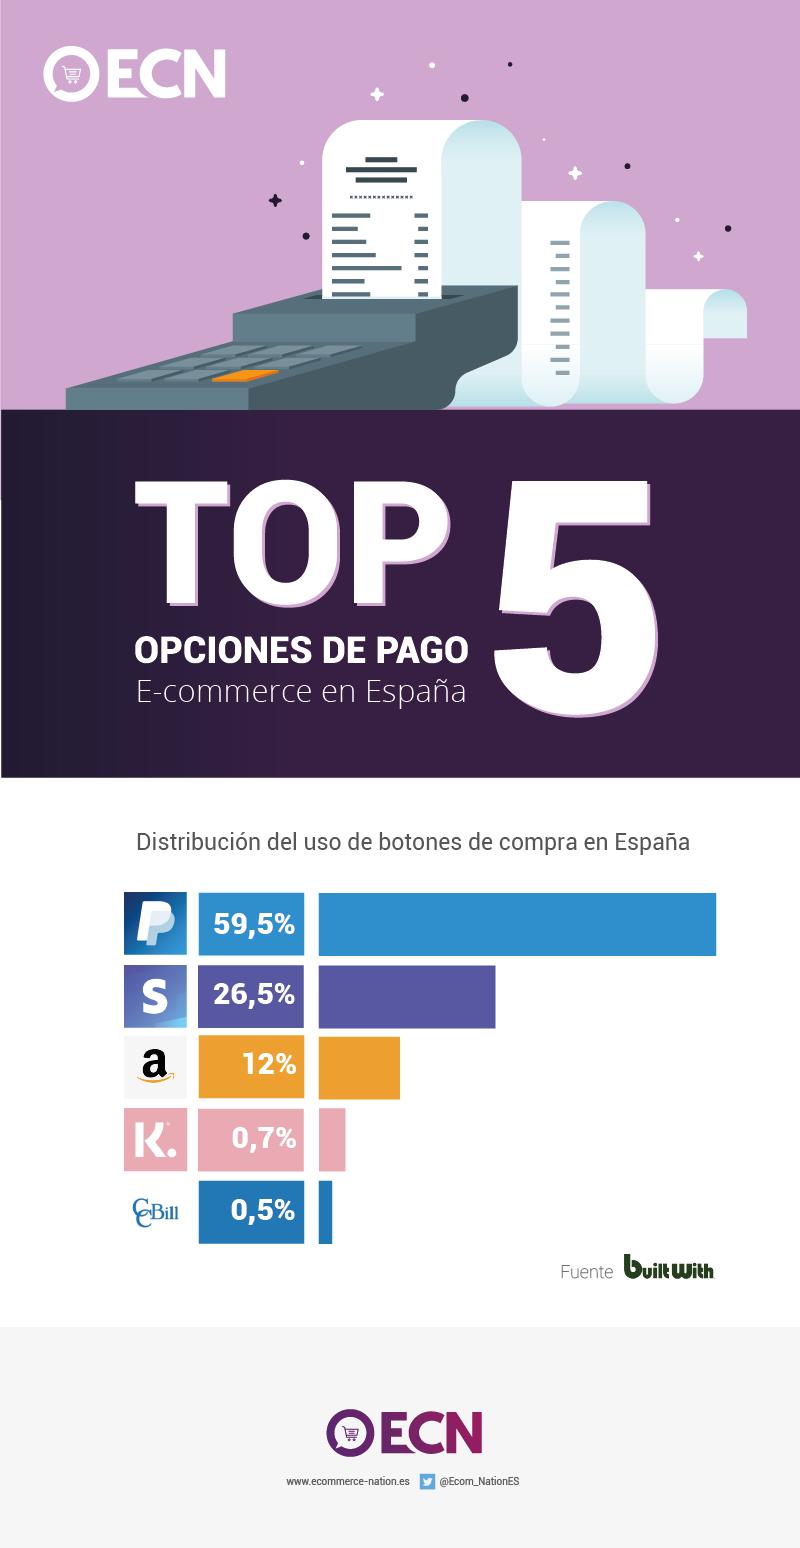 Las opciones de pago más populares en España